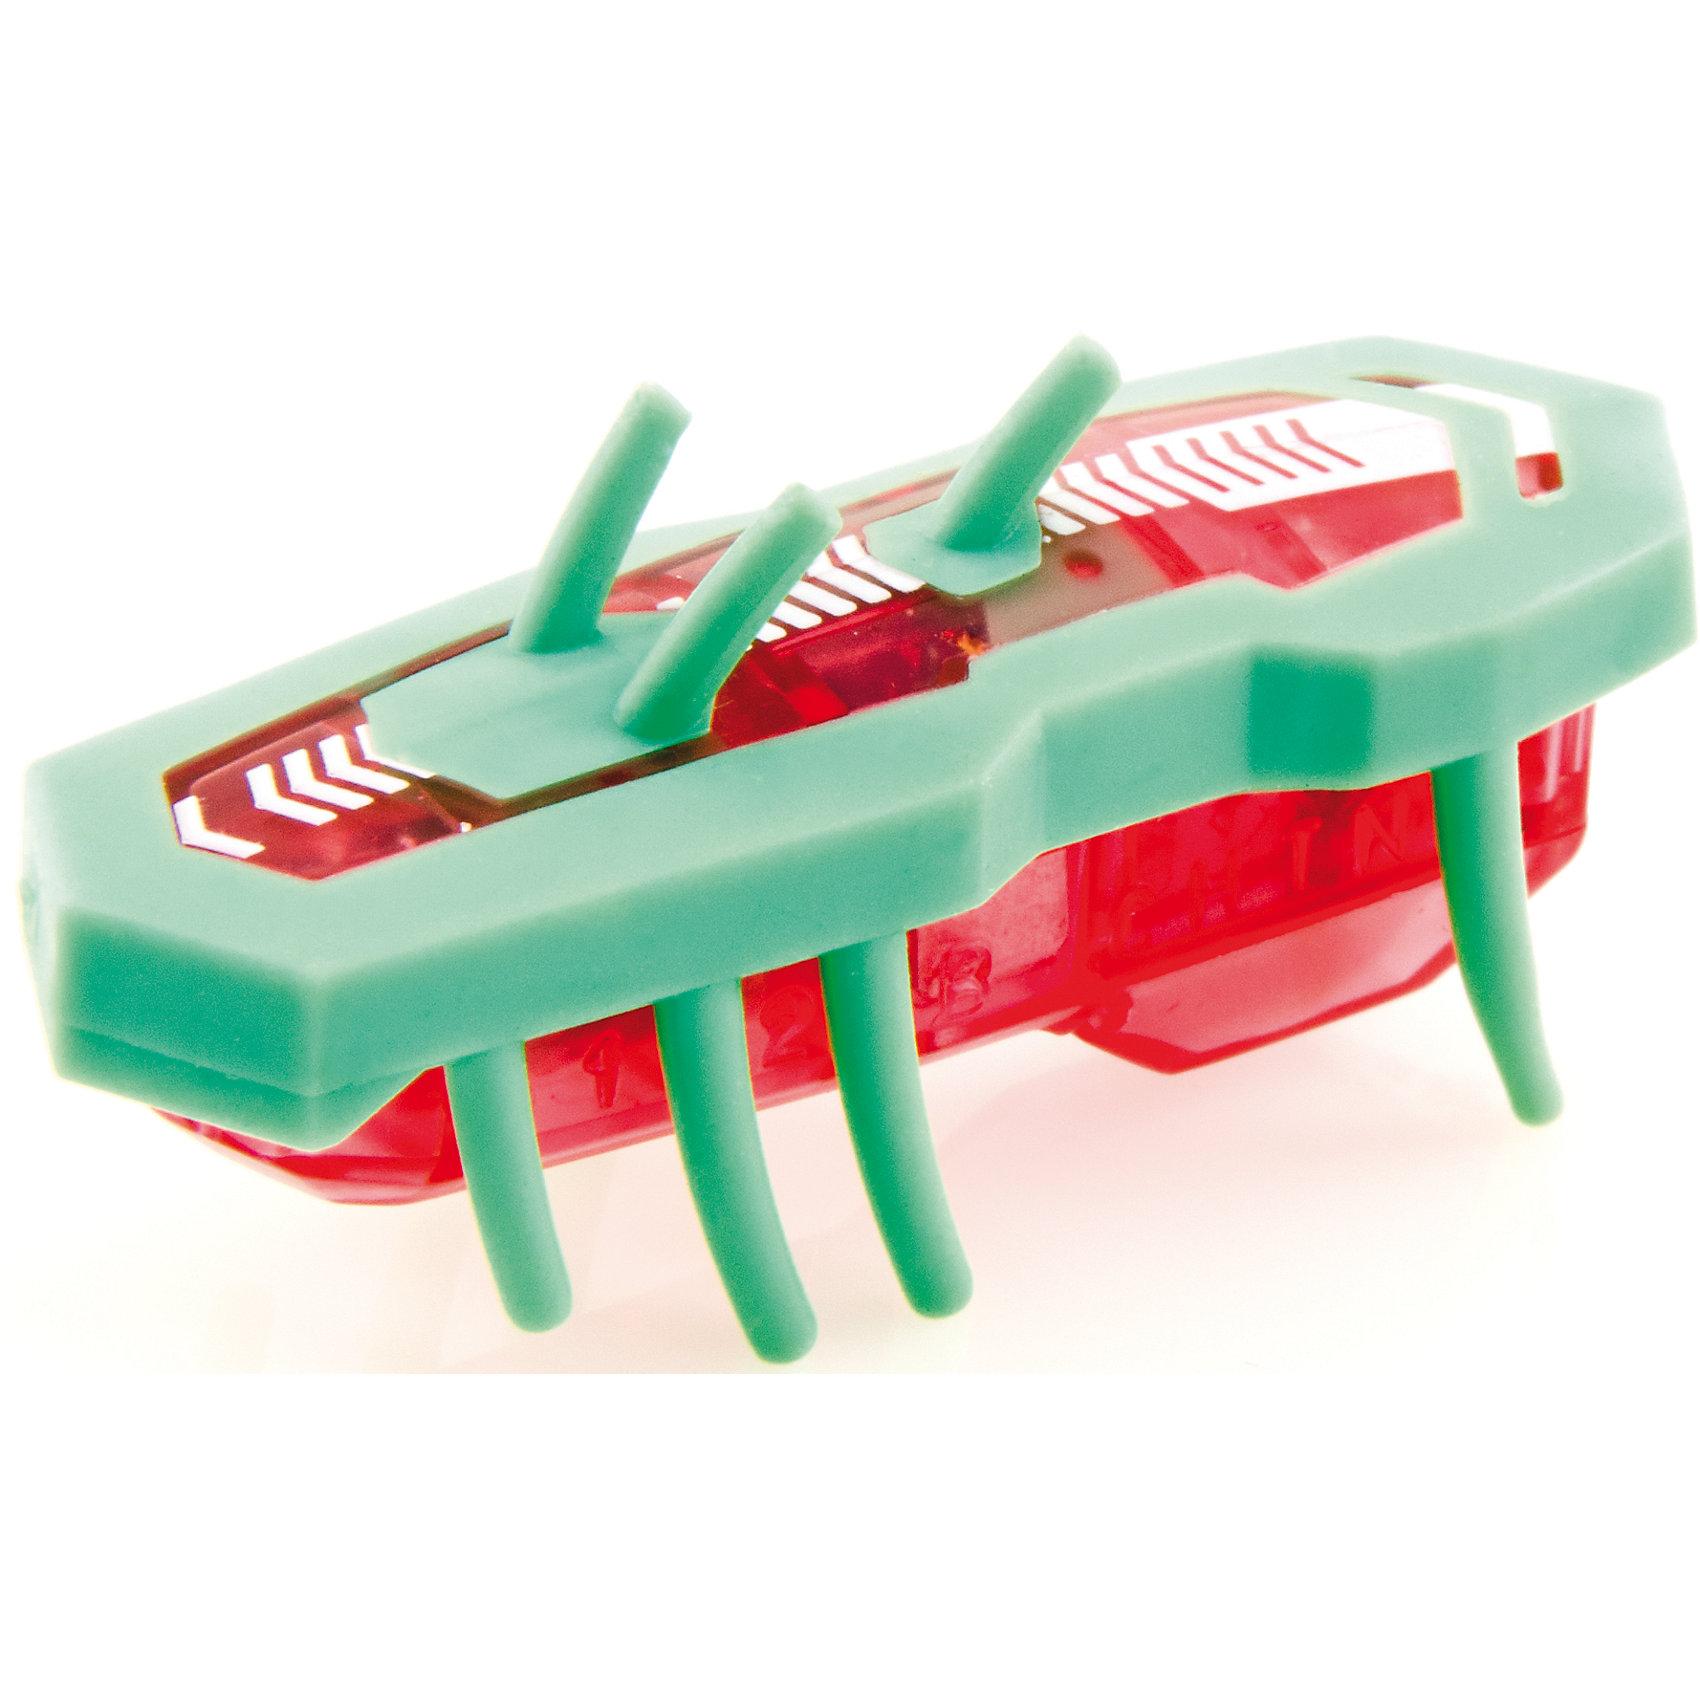 Микро-робот Нано V2, зеленый, HexbugХарактеристики электронной игрушки Hexbug:<br><br>• поведение наноробота: автономное, хаотичное;<br>• направление движения: горизонтально и вертикально вверх;<br>• количество ножек: 8 снизу, 3 сверху, верхние рожки помогают взбираться по вертикальным туннелям;<br>• размер наноробота: 4,2х2х1,4 см;<br>• наноробот без труда путешествует по нанодромам из наборов Hexbug Nano;<br>• батарейки входят в комплект: 1 шт. типа AG13;<br>• упаковка наноробота Nano V2 является частью лабиринта для беговых площадок и дорожек из серии V2. <br><br>Электронная игрушка Нано V2 – это микро-робот Нано, который очень быстро передвигается по закрученным лабиринтам, горизонтальным площадкам и вертикальным проходам. Наноробот модернизирован, с контрастной окраской, добавились функциональные рожки. С нанороботами можно устроить настоящие скоростные забеги. <br><br>Микро-робот Нано V2, зеленый, Hexbug можно купить в нашем интернет-магазине.<br><br>Ширина мм: 26<br>Глубина мм: 8<br>Высота мм: 4<br>Вес г: 57<br>Возраст от месяцев: 36<br>Возраст до месяцев: 2147483647<br>Пол: Унисекс<br>Возраст: Детский<br>SKU: 5007056